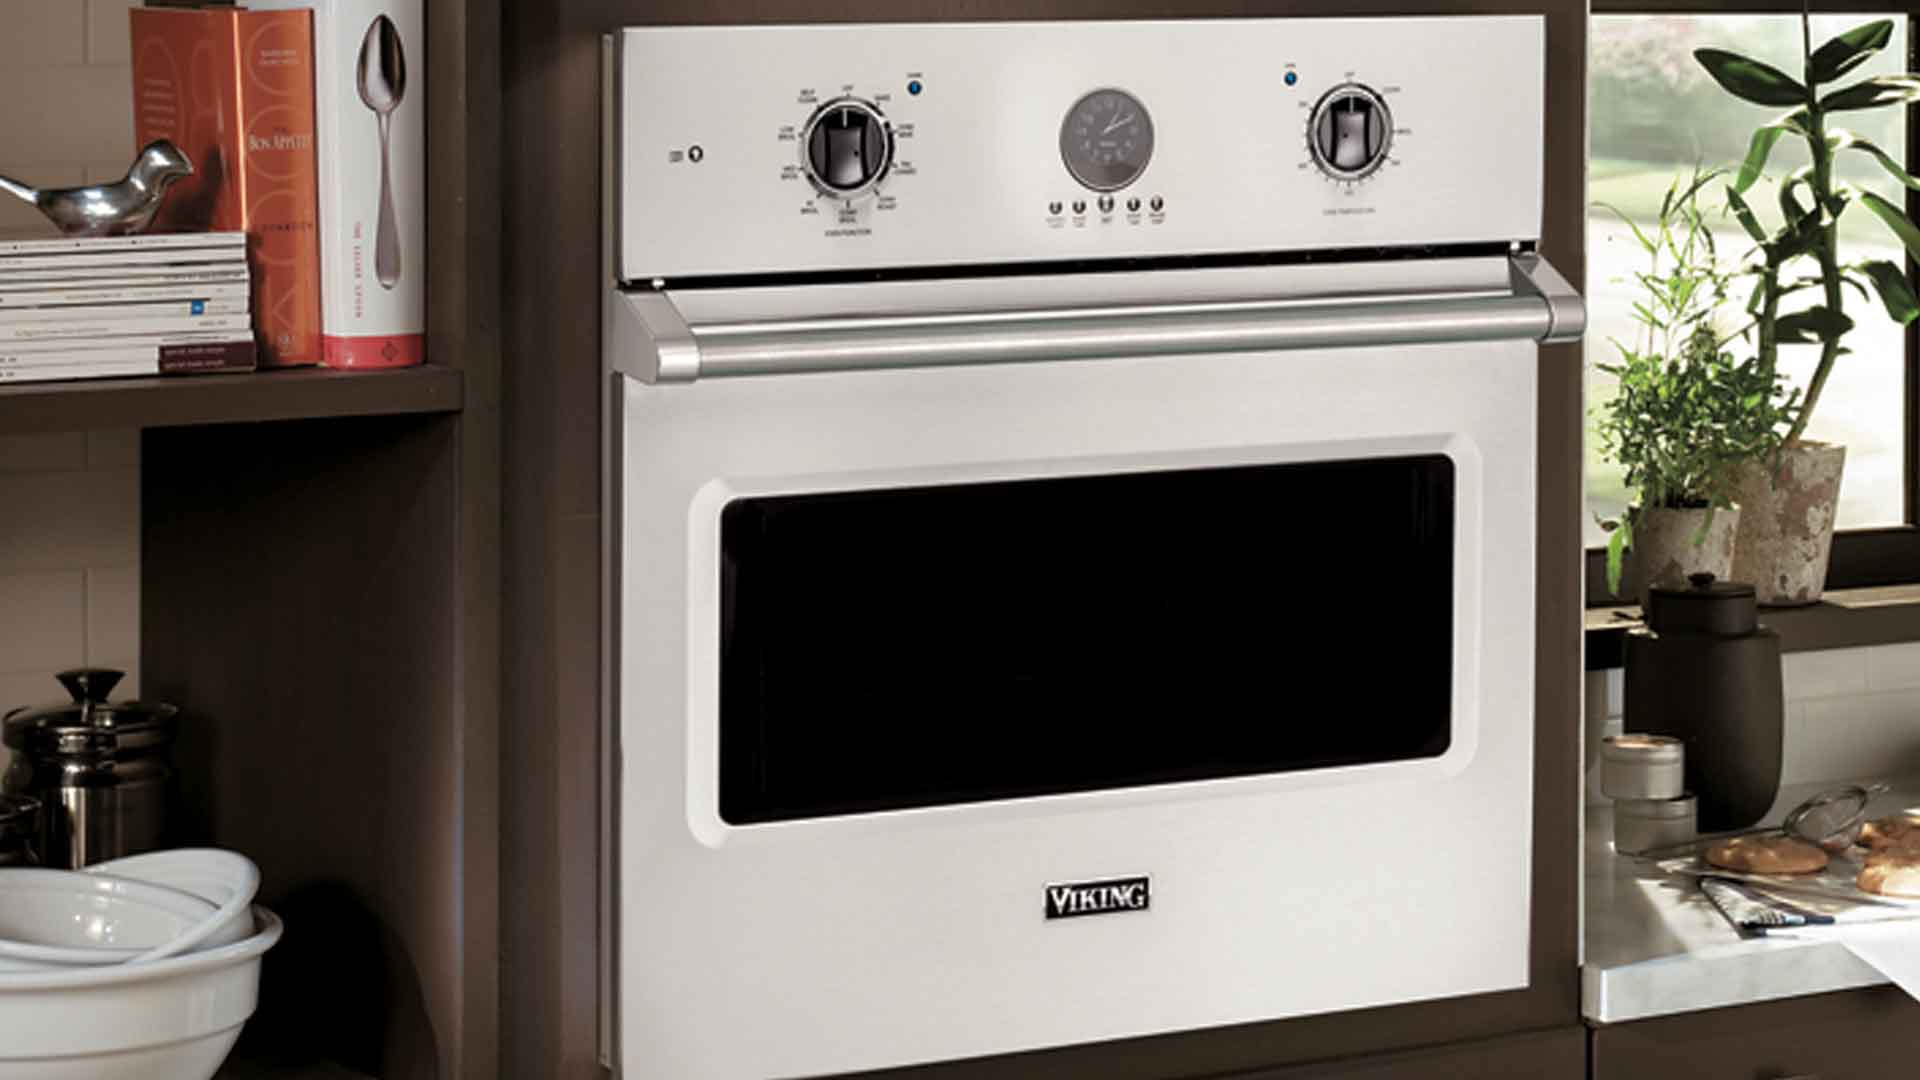 Viking Single Oven Repair Viking Appliance Repair